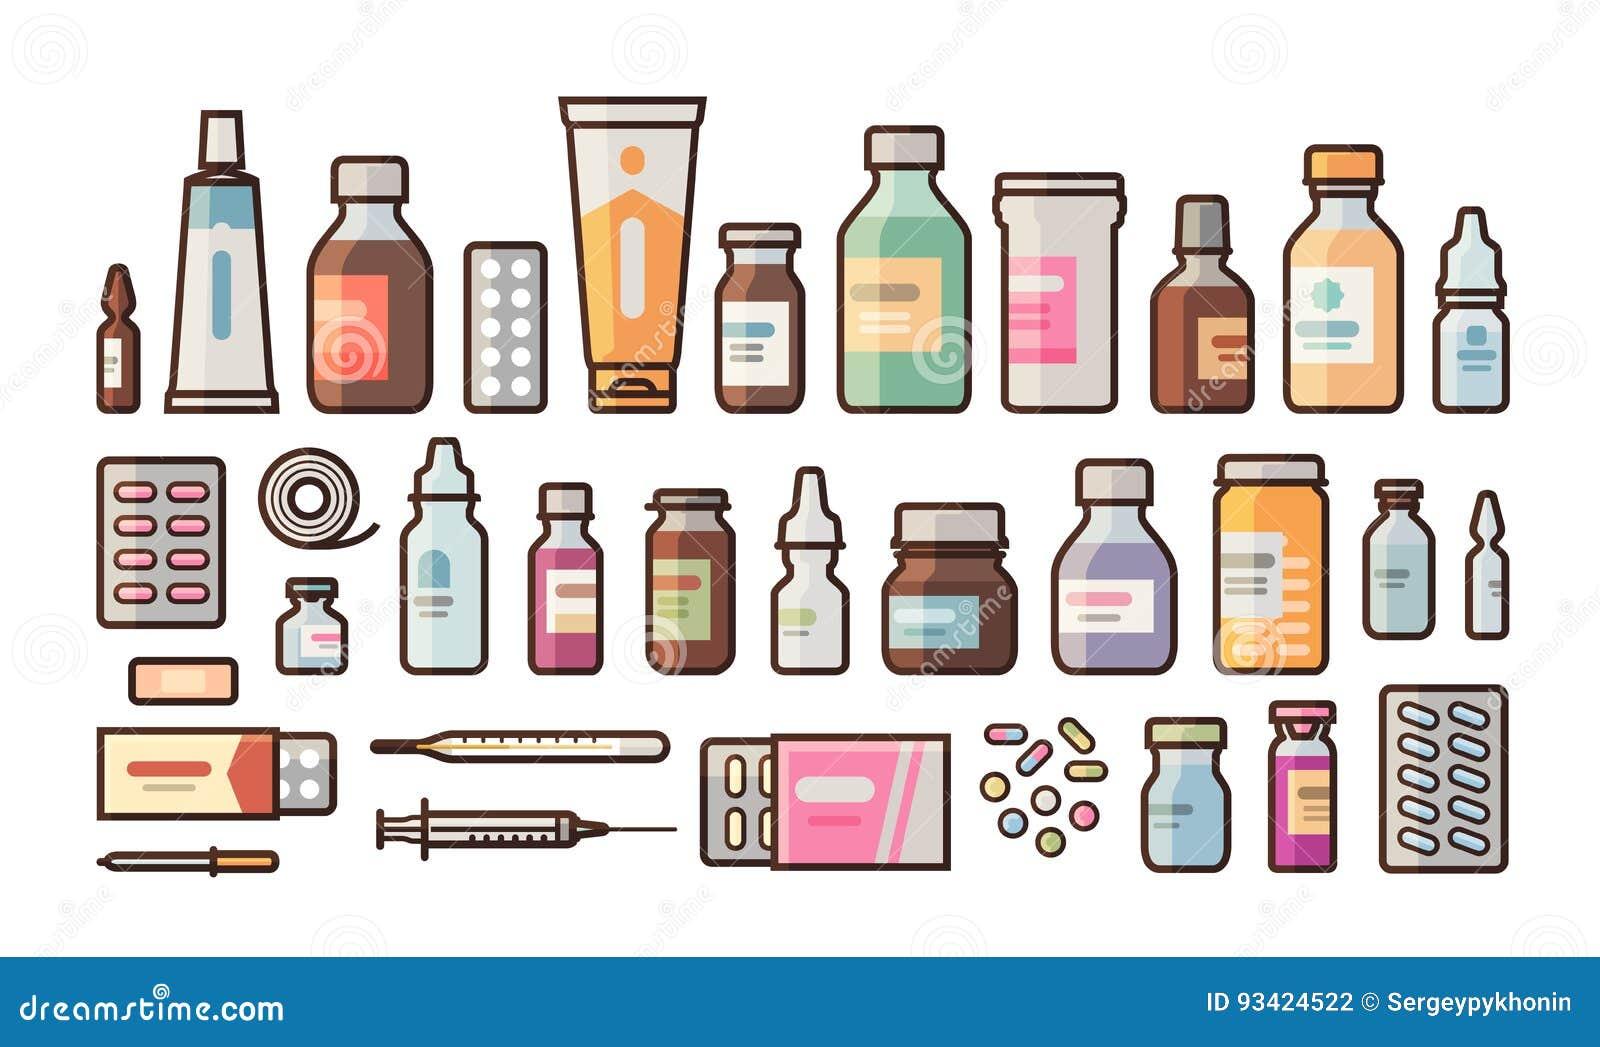 Φαρμακείο, φάρμακο, μπουκάλια, χάπια, τις κάψες καθορισμένες τα εικονίδια Φαρμακείο, ιατρική, έννοια νοσοκομείων Διανυσματική απε